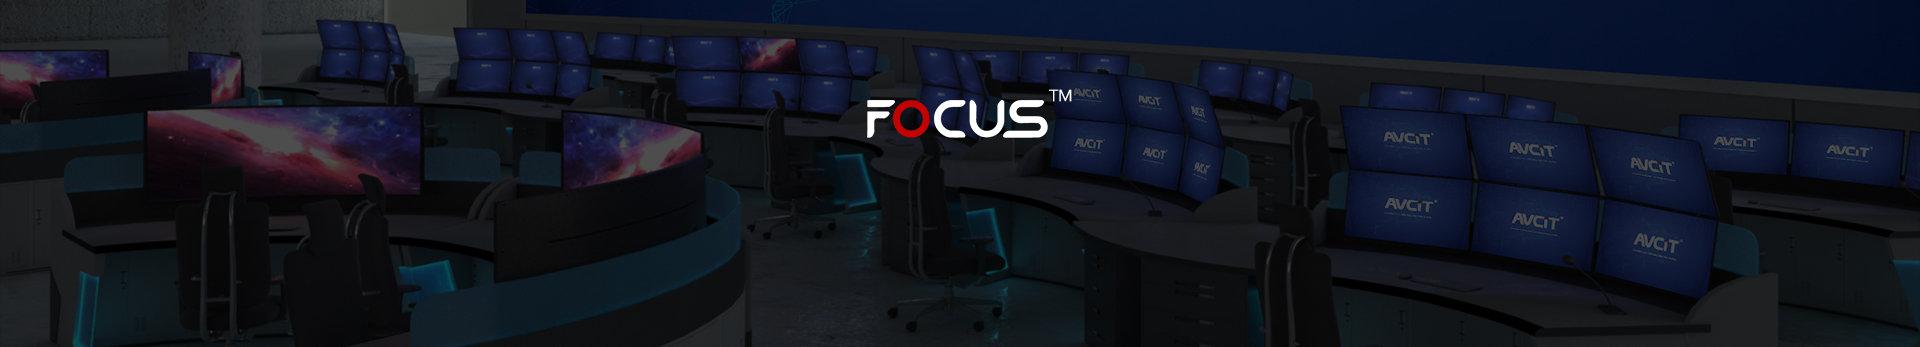 AVCiT_Focus